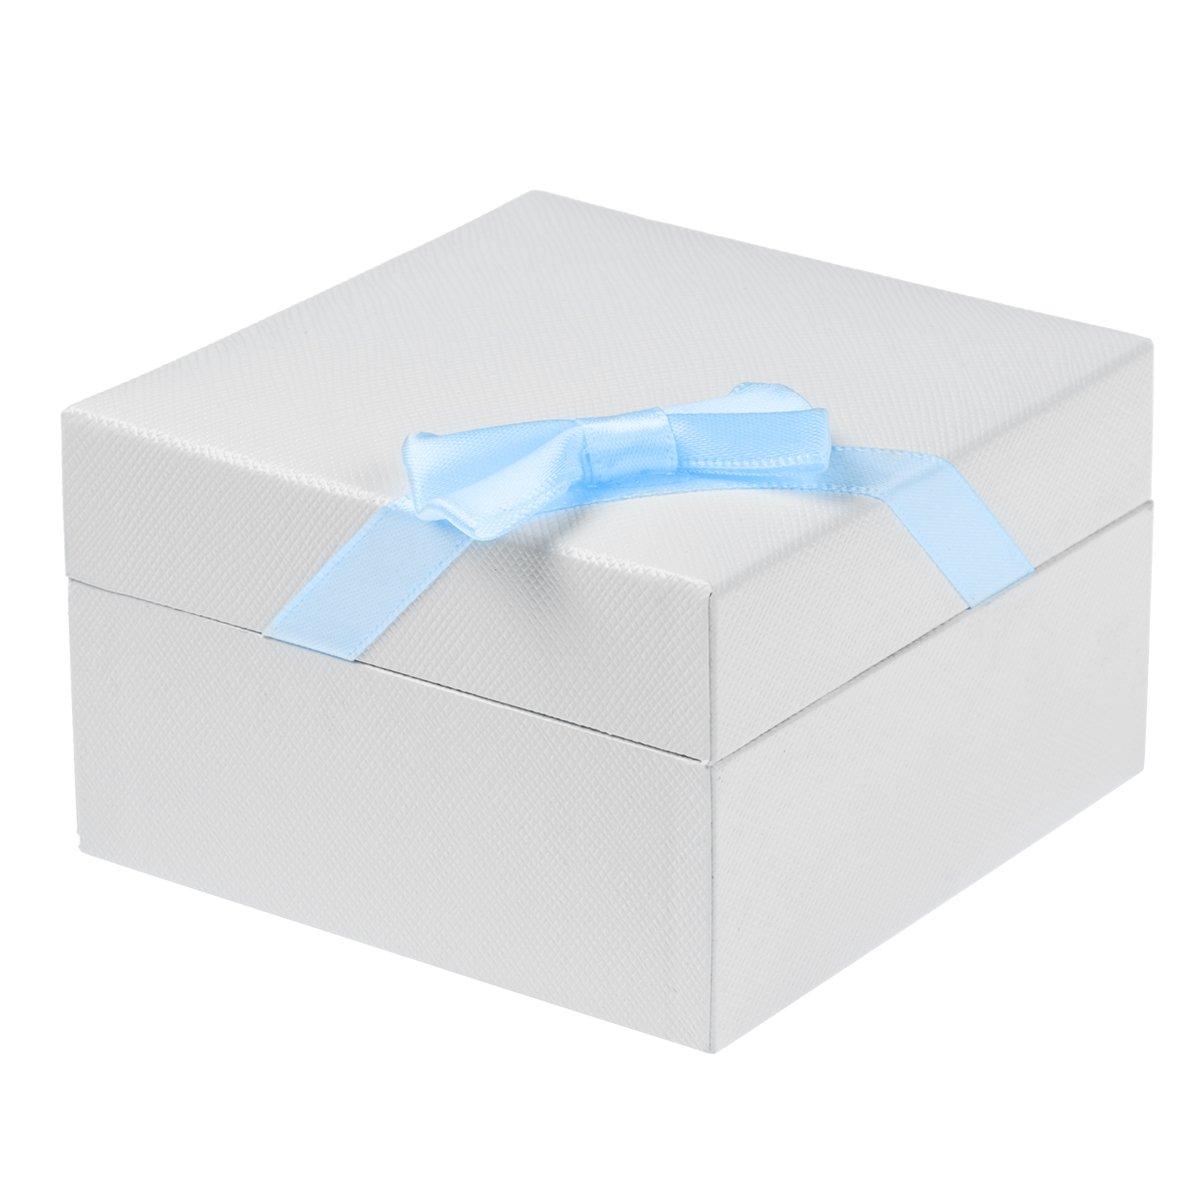 Łyżeczka Srebrna 925 Aniołek z zegarem i miejscem na ząbek Grawer Niebieska wstążka